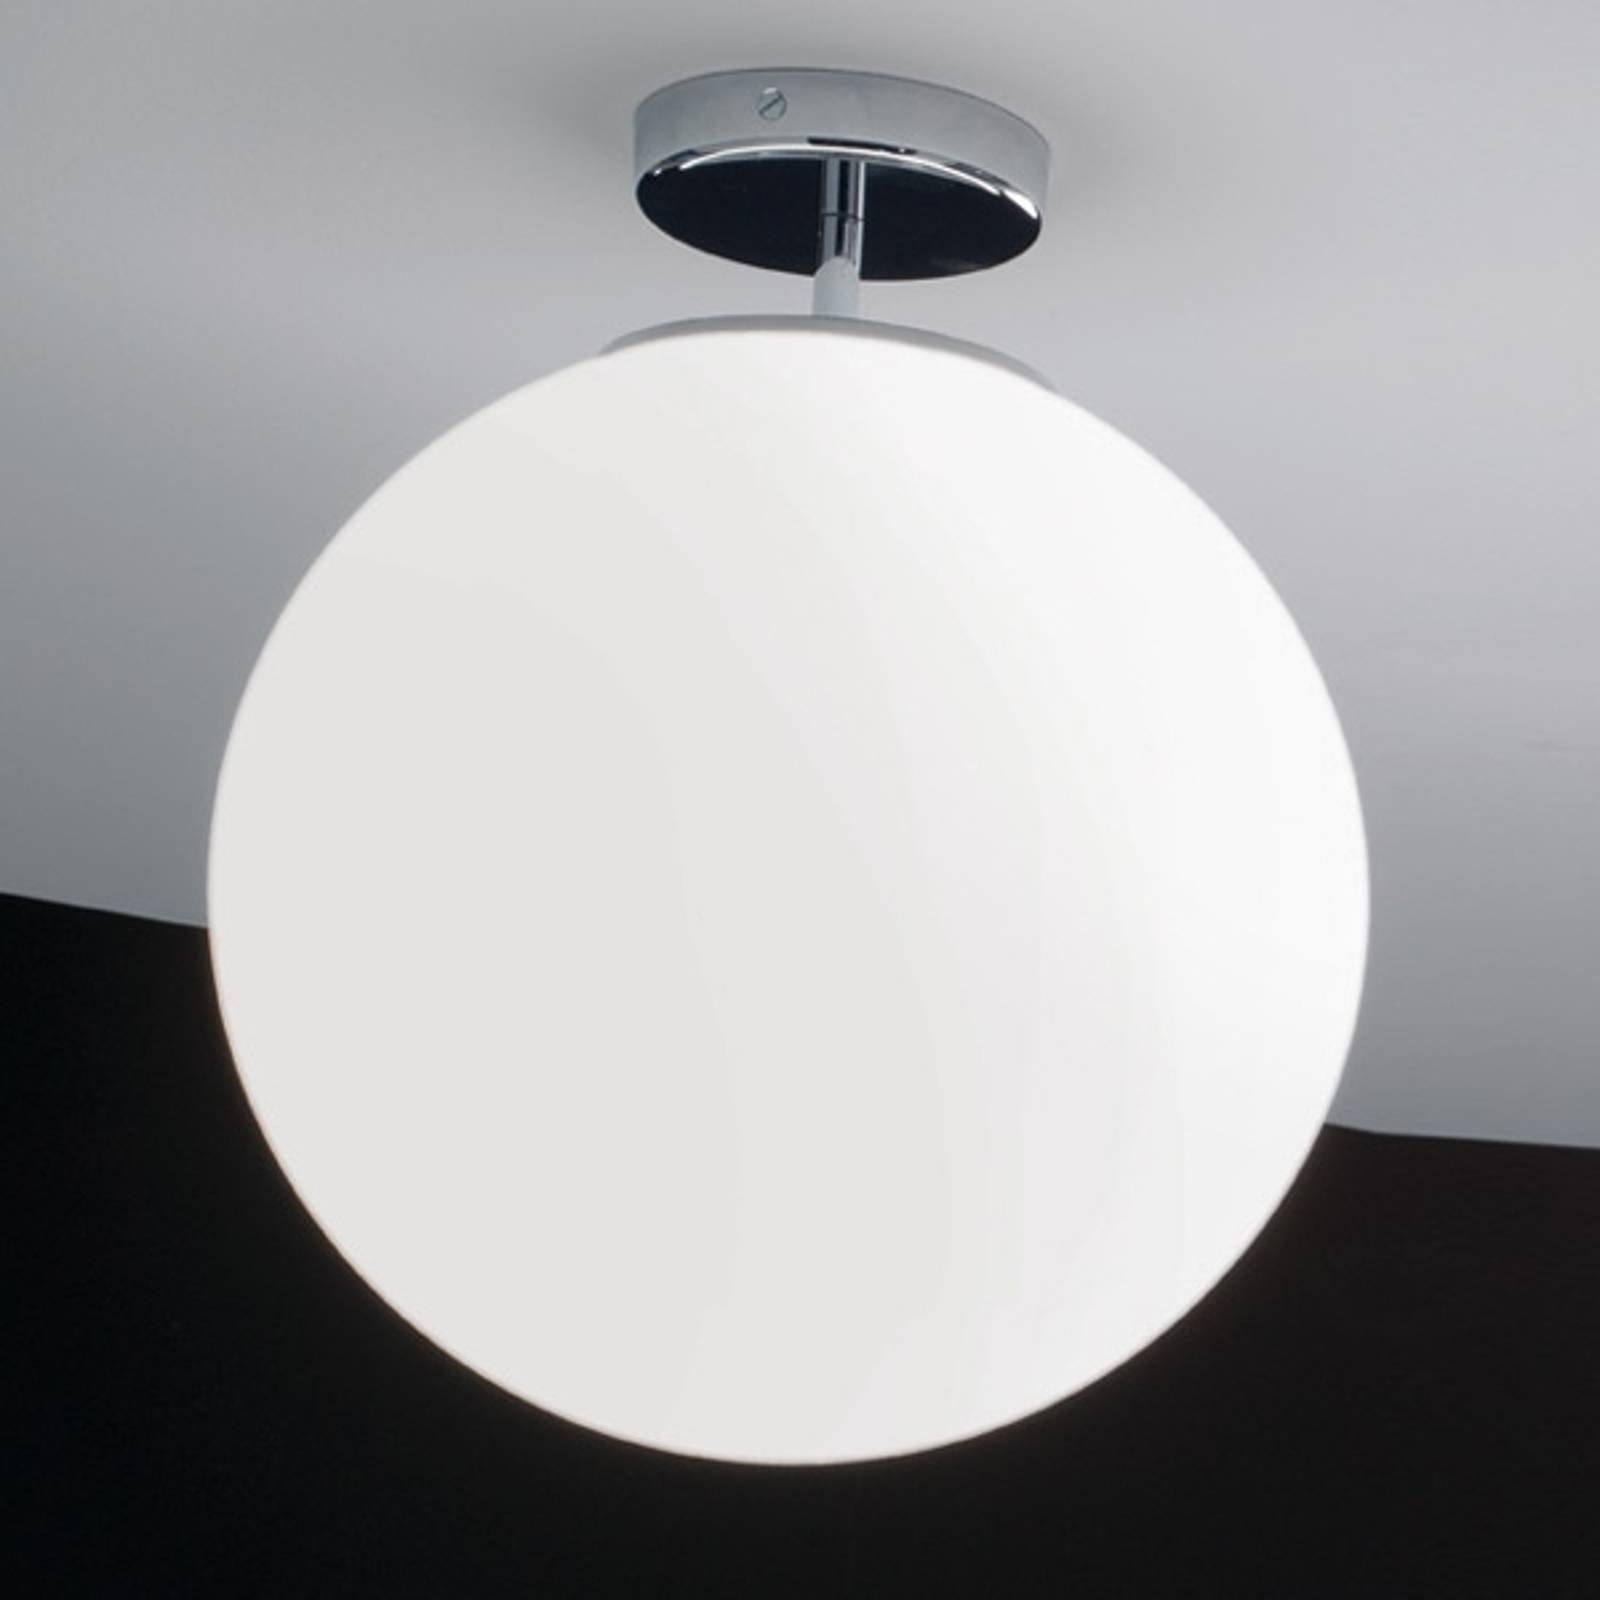 Kromfarget Sferis taklampe av glass på 40 cm